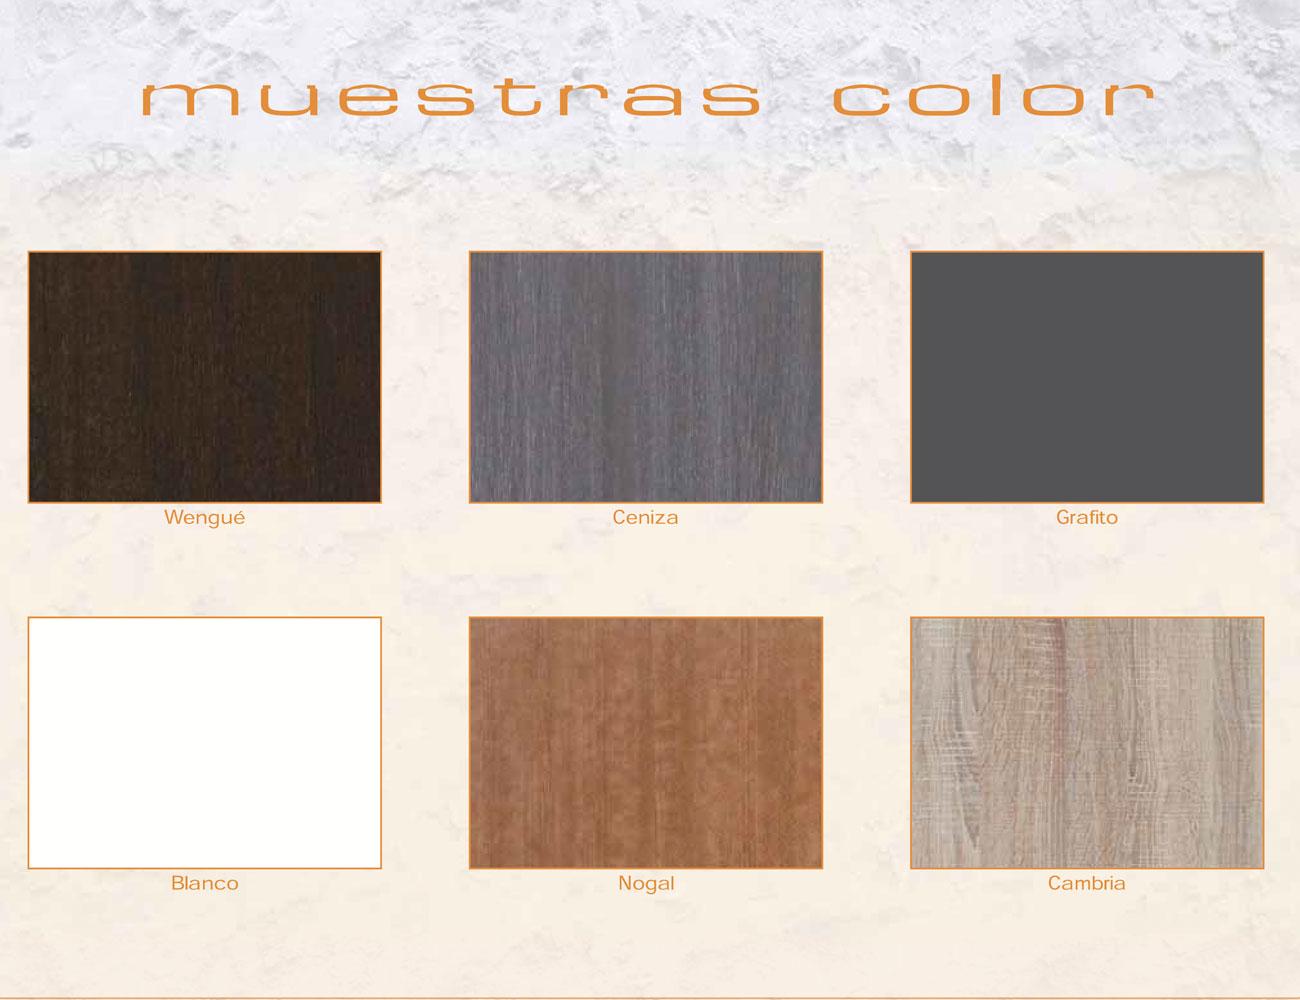 Muestras color muebles expo14